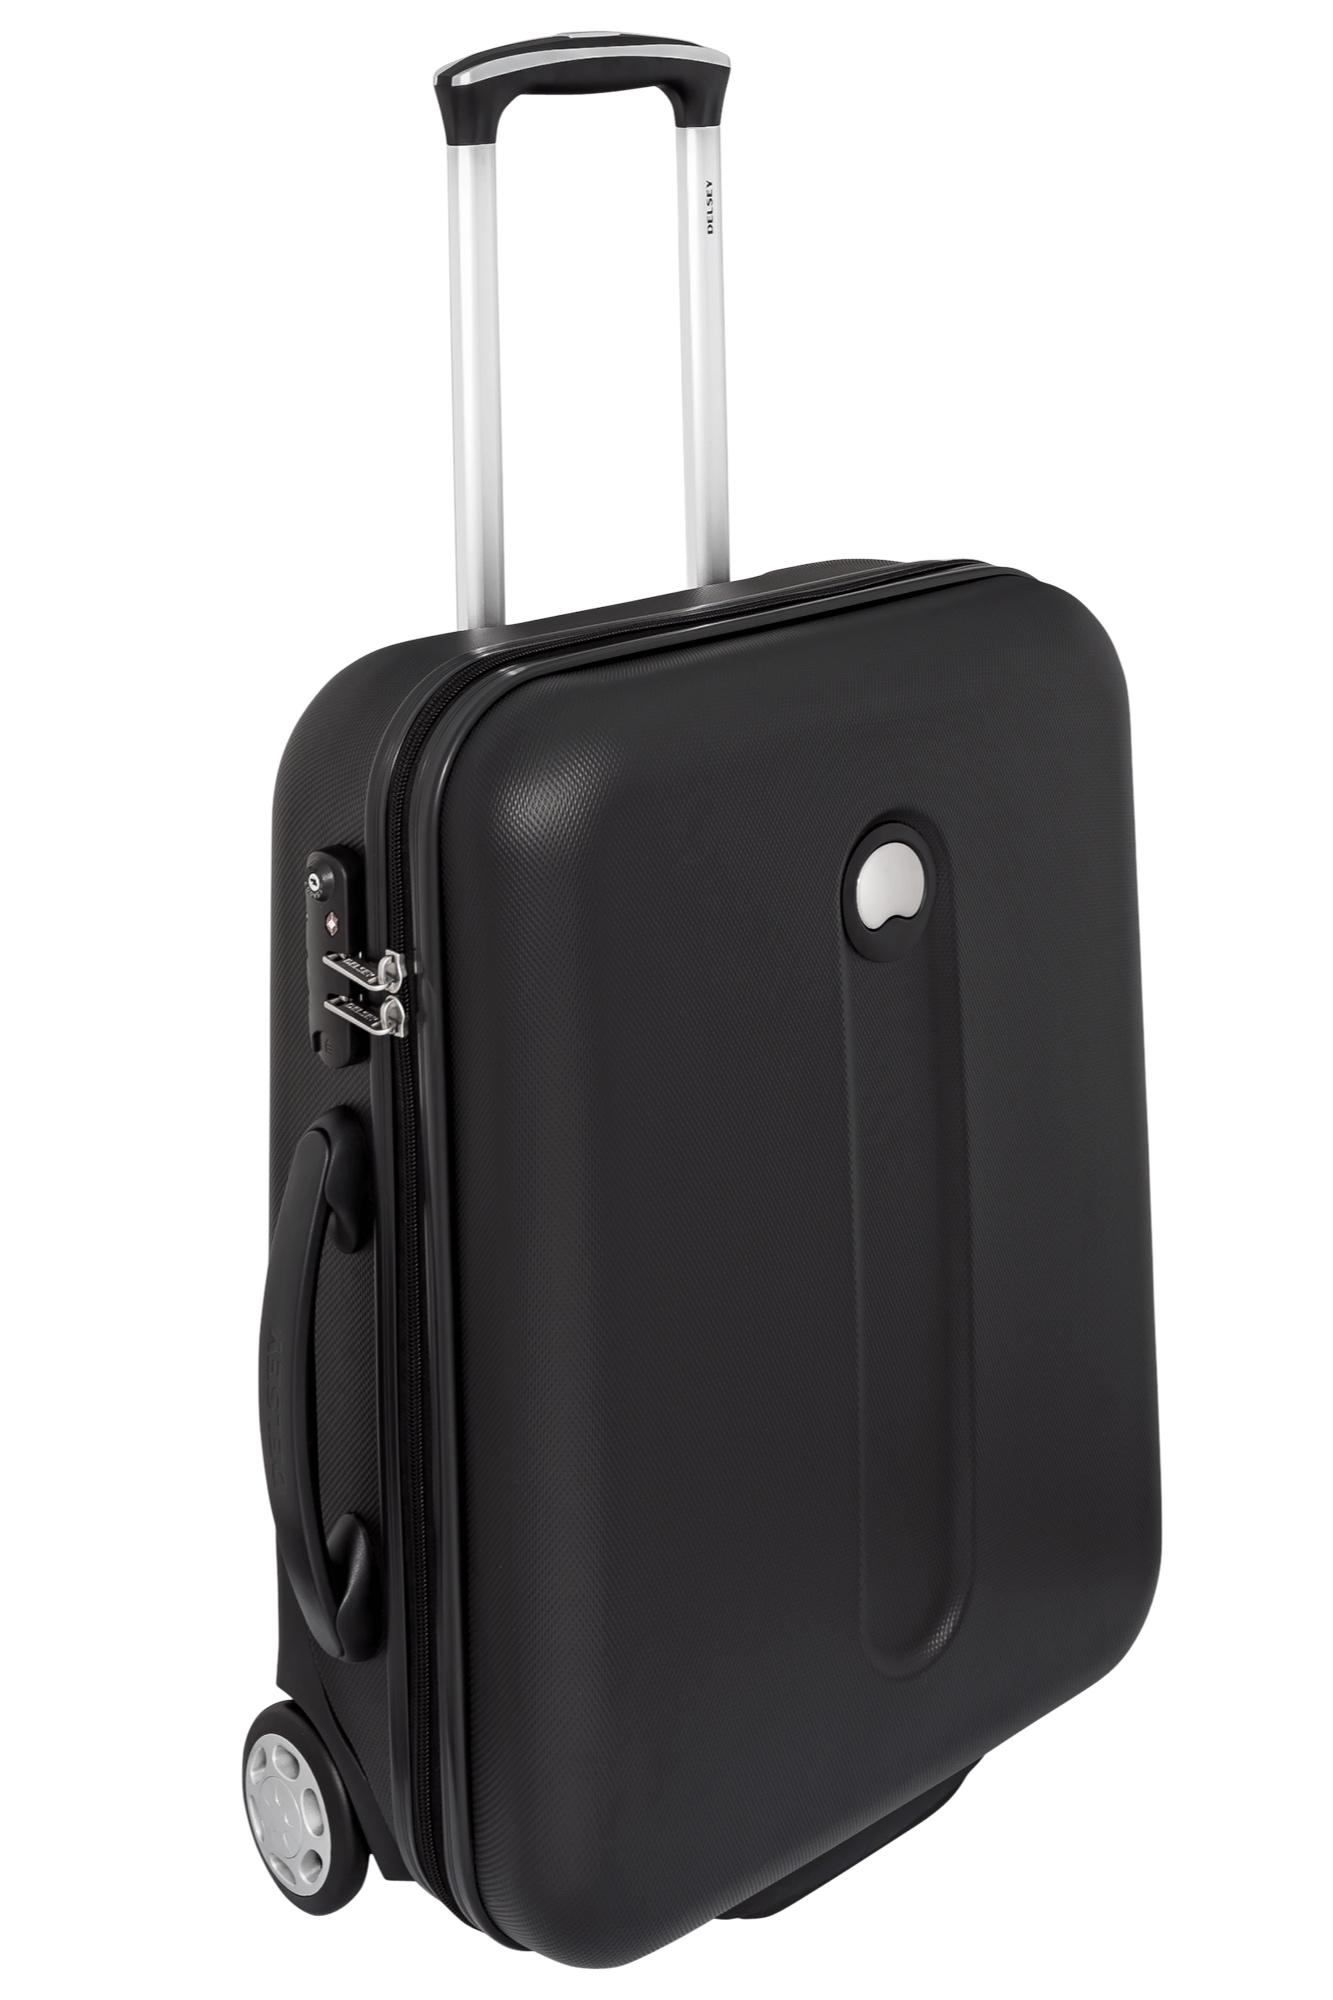 luggage_PNG10729.jpg